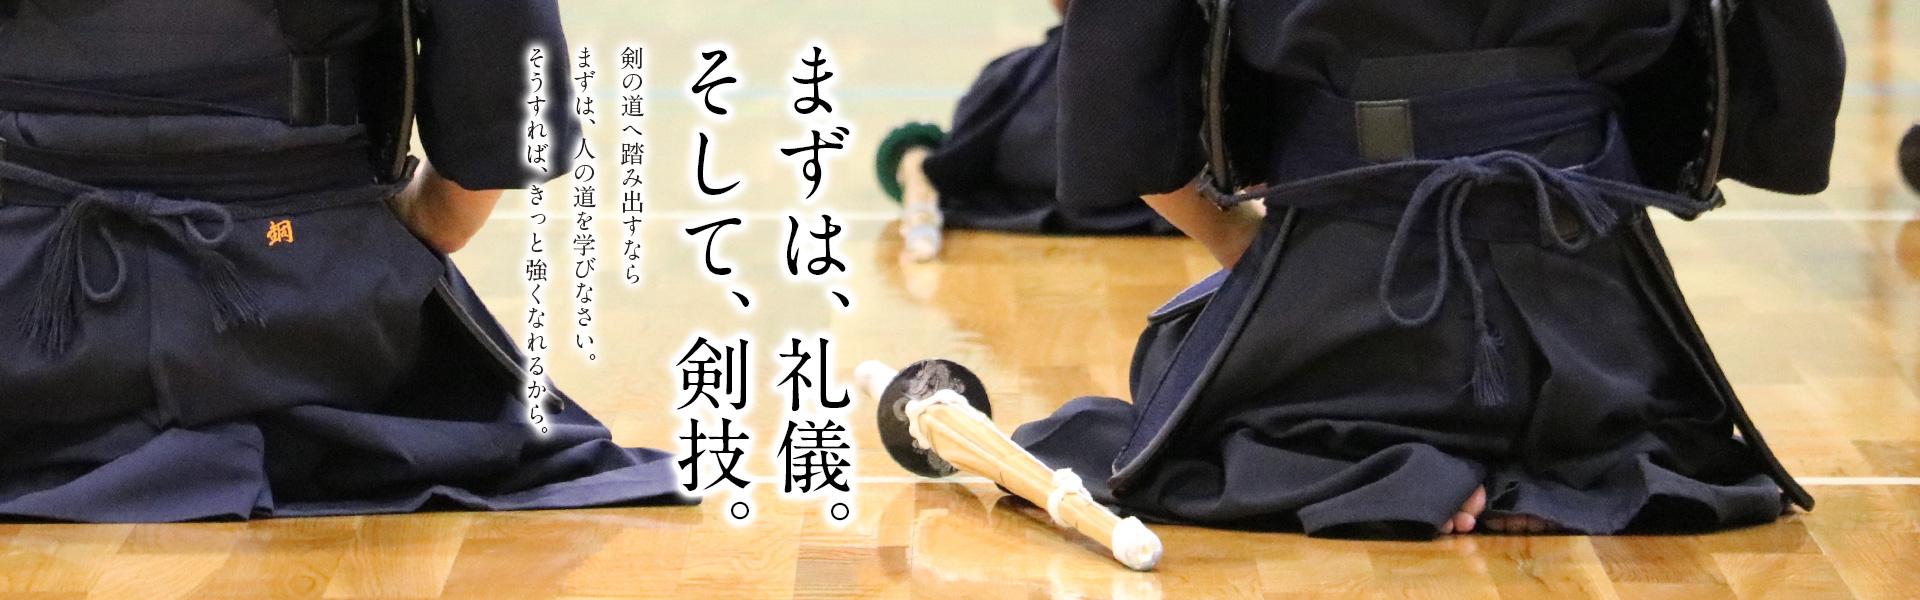 まずは礼儀、そして剣技。剣の道へ踏み出すなら、まずは、人の道を学びなさい。そうすれば、きっと強くなれるから。